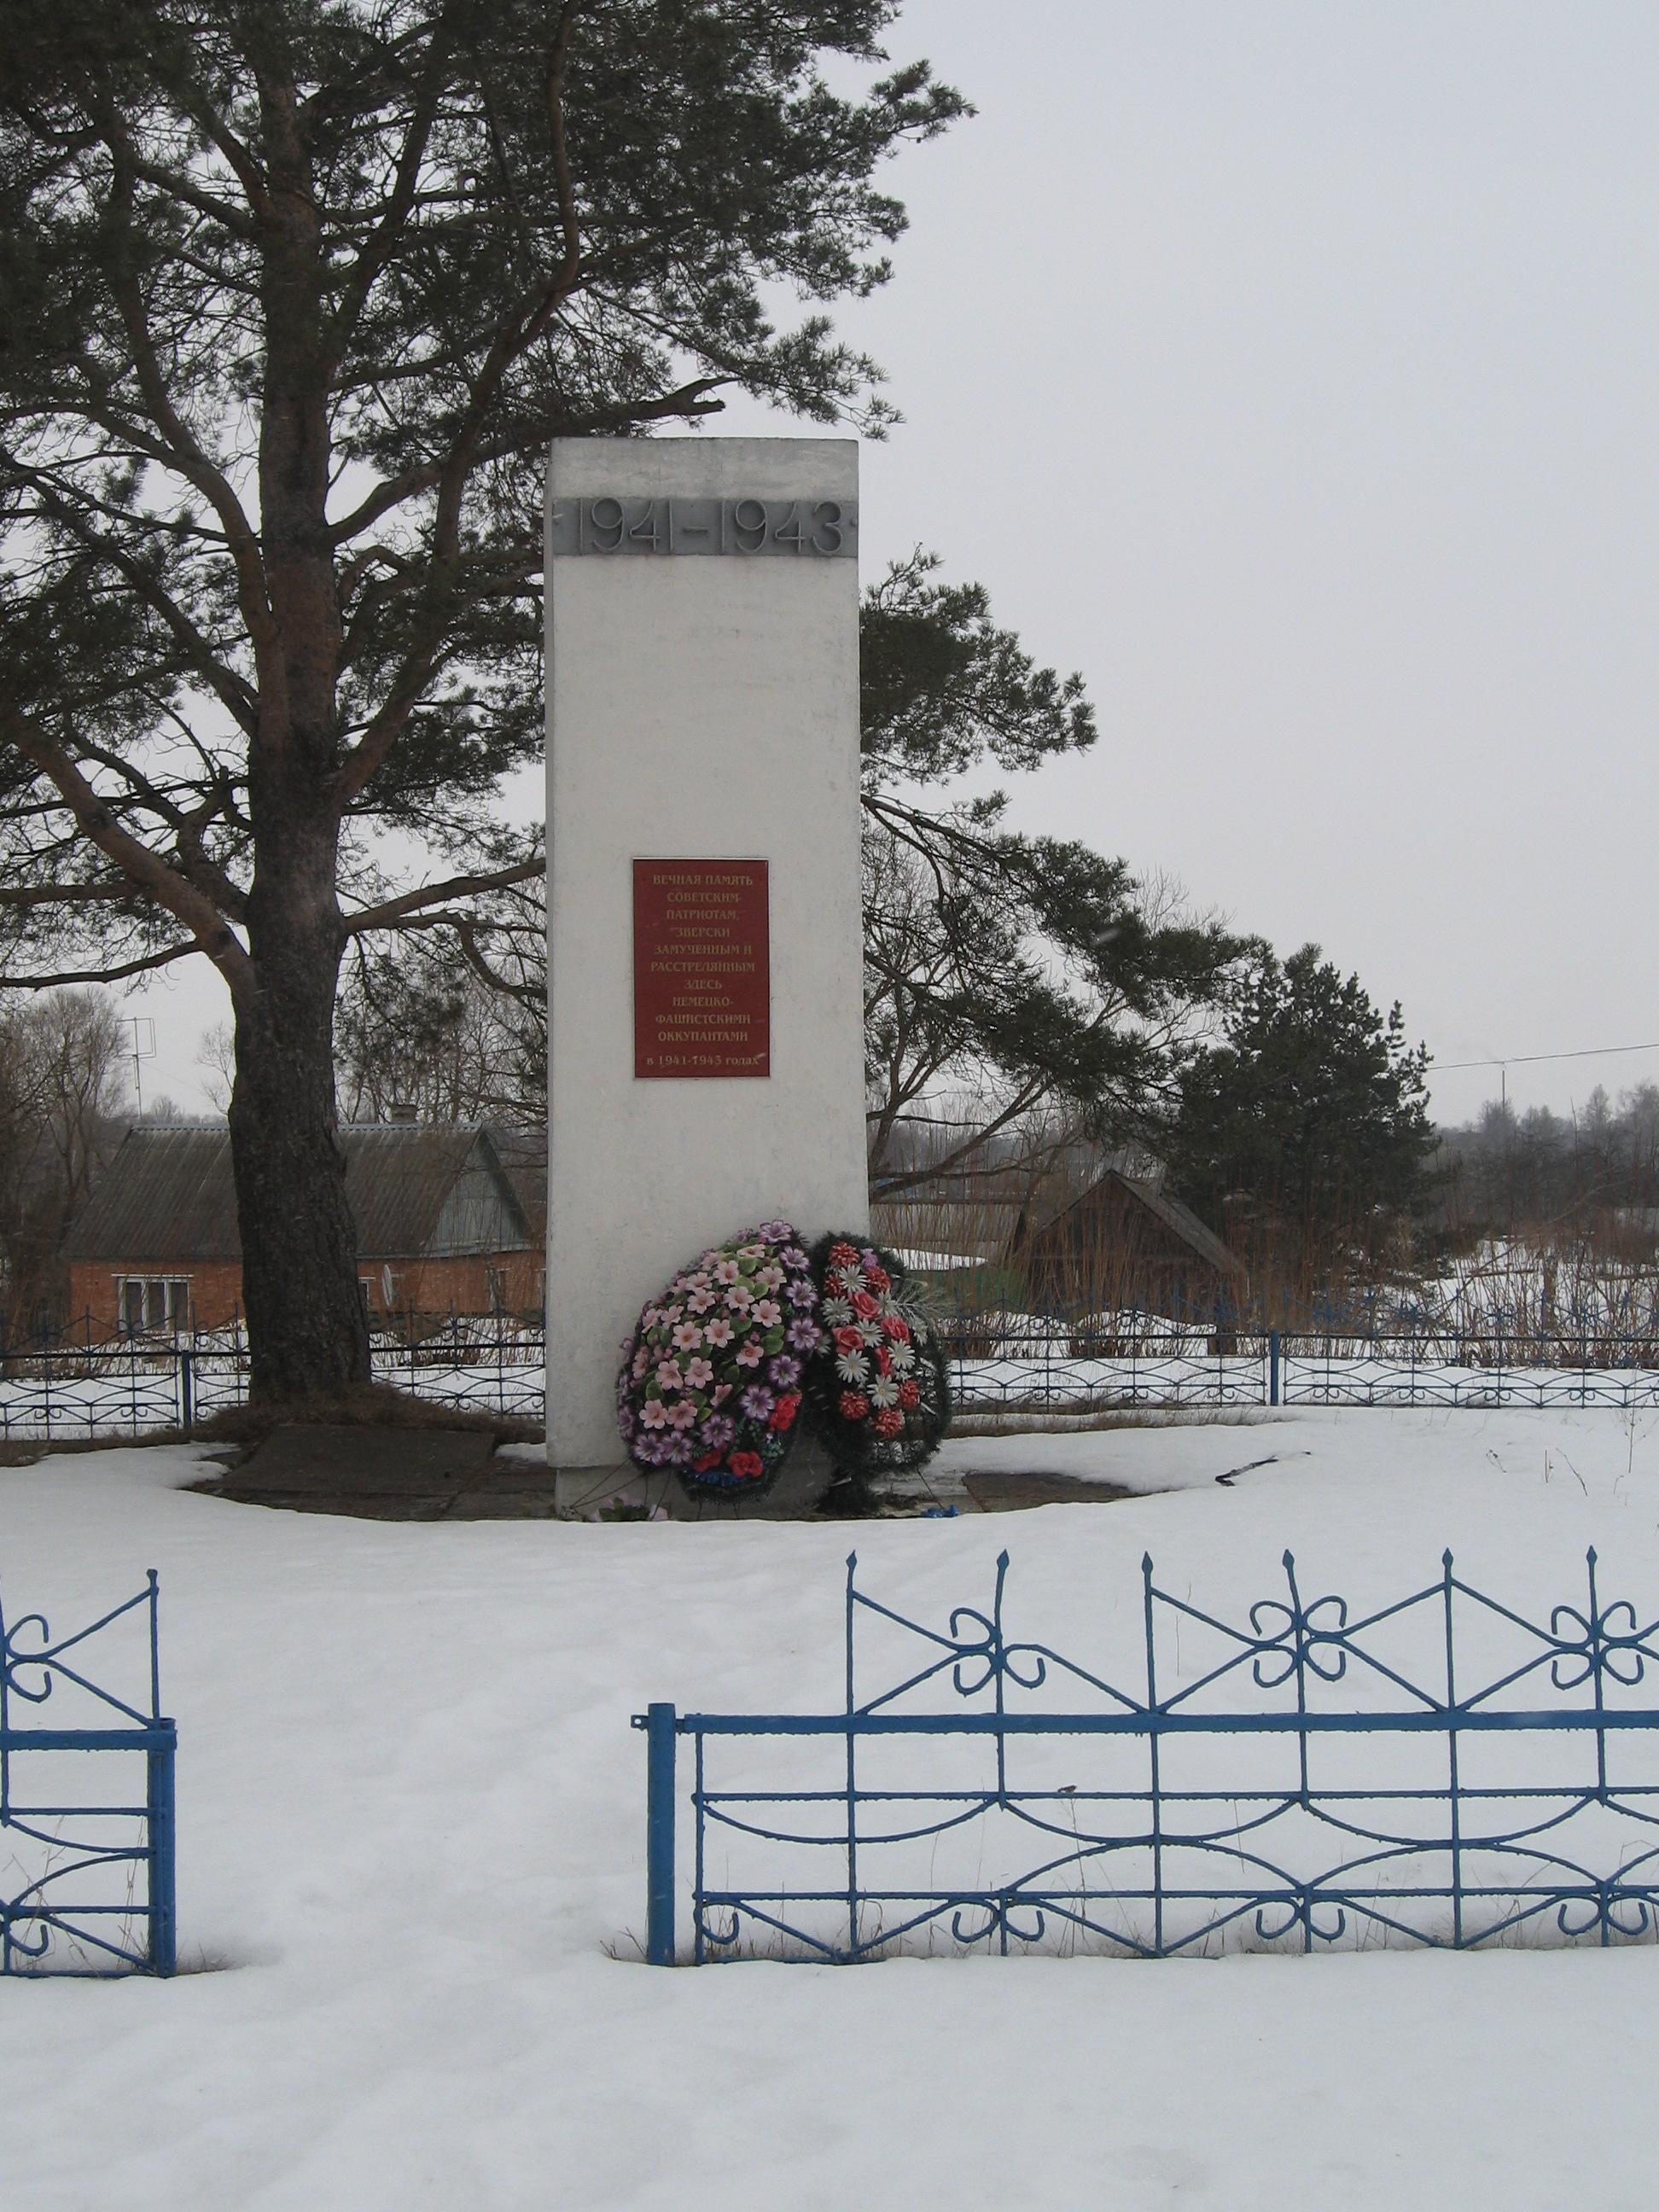 Место массового расстрела гитлеровцами советских патриотов в 1941-1943 гг., установлен памятный знак